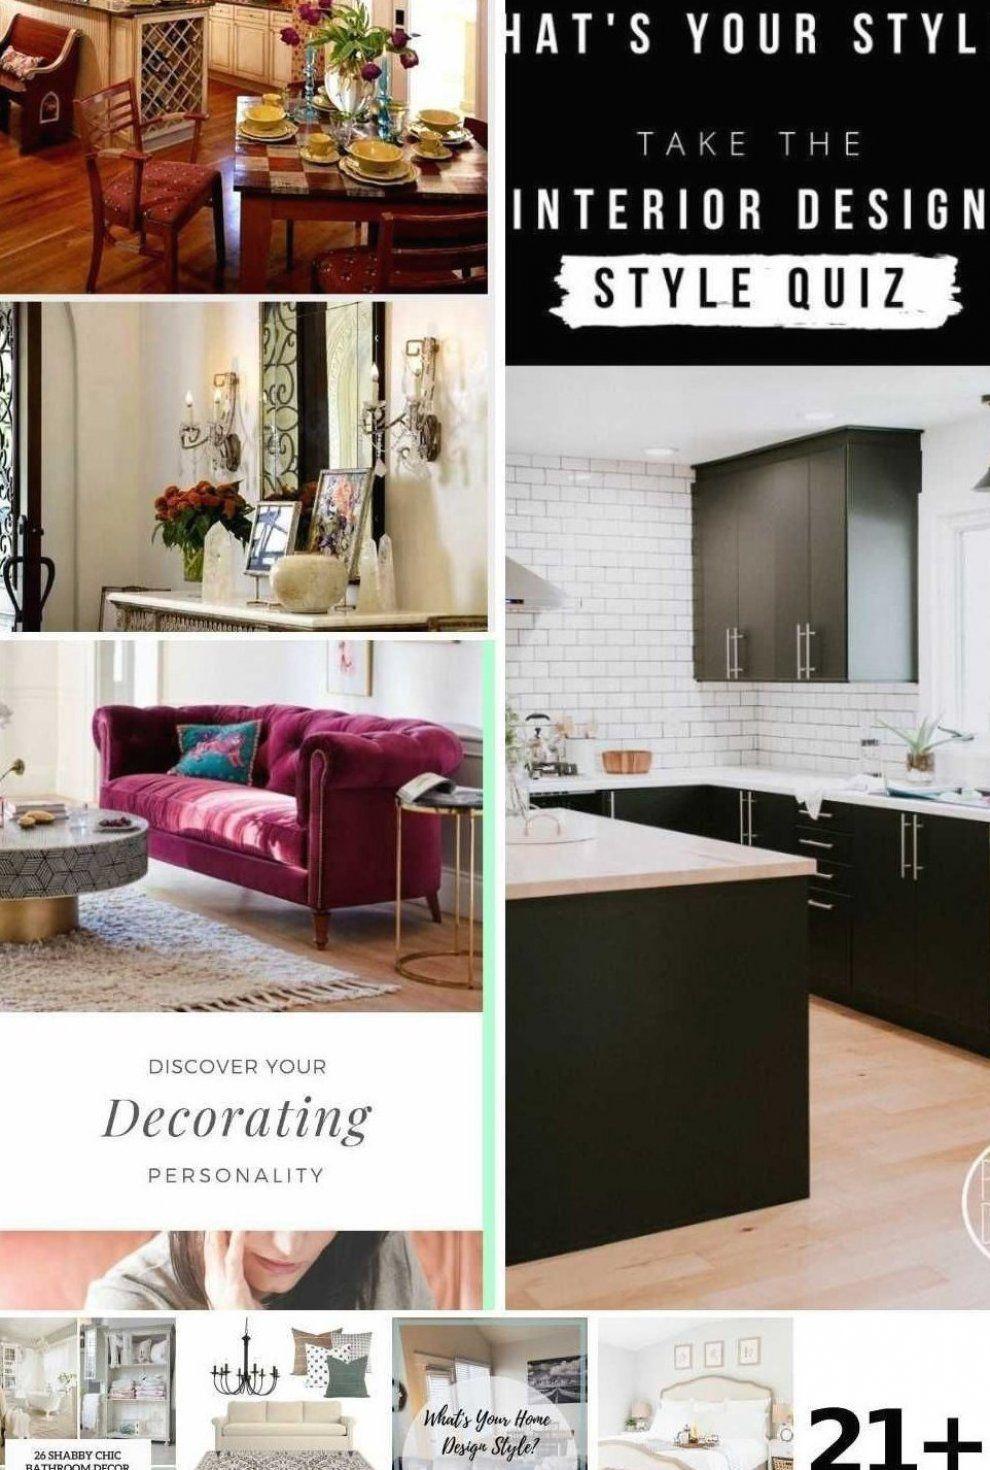 Home Decor Styles Quiz Home Decor Styles Quiz Wohnkultur Stile Quiz Zuhaus Decor Styles Home Decor Interior Design Styles Quiz